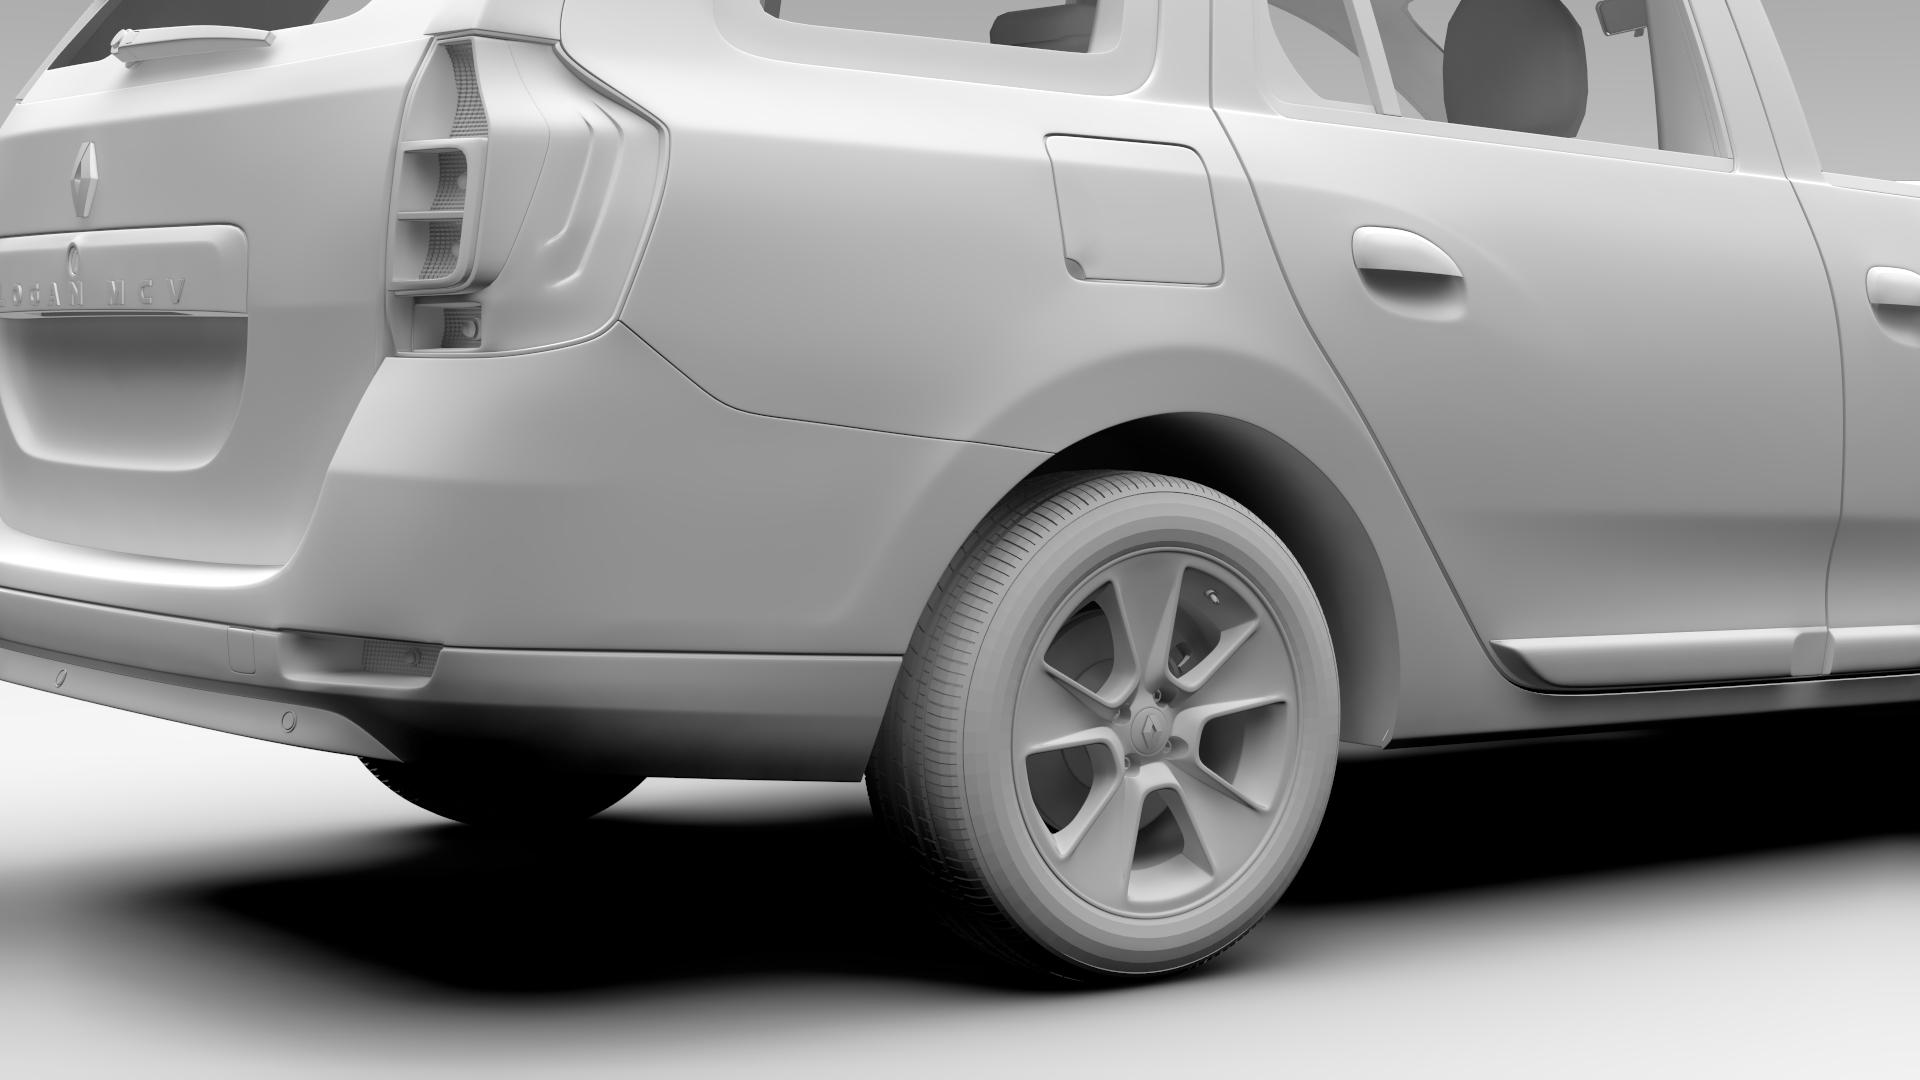 renault logan mcv taxi 2016 3d model 3ds max fbx c4d lwo ma mb hrc xsi obj 221295